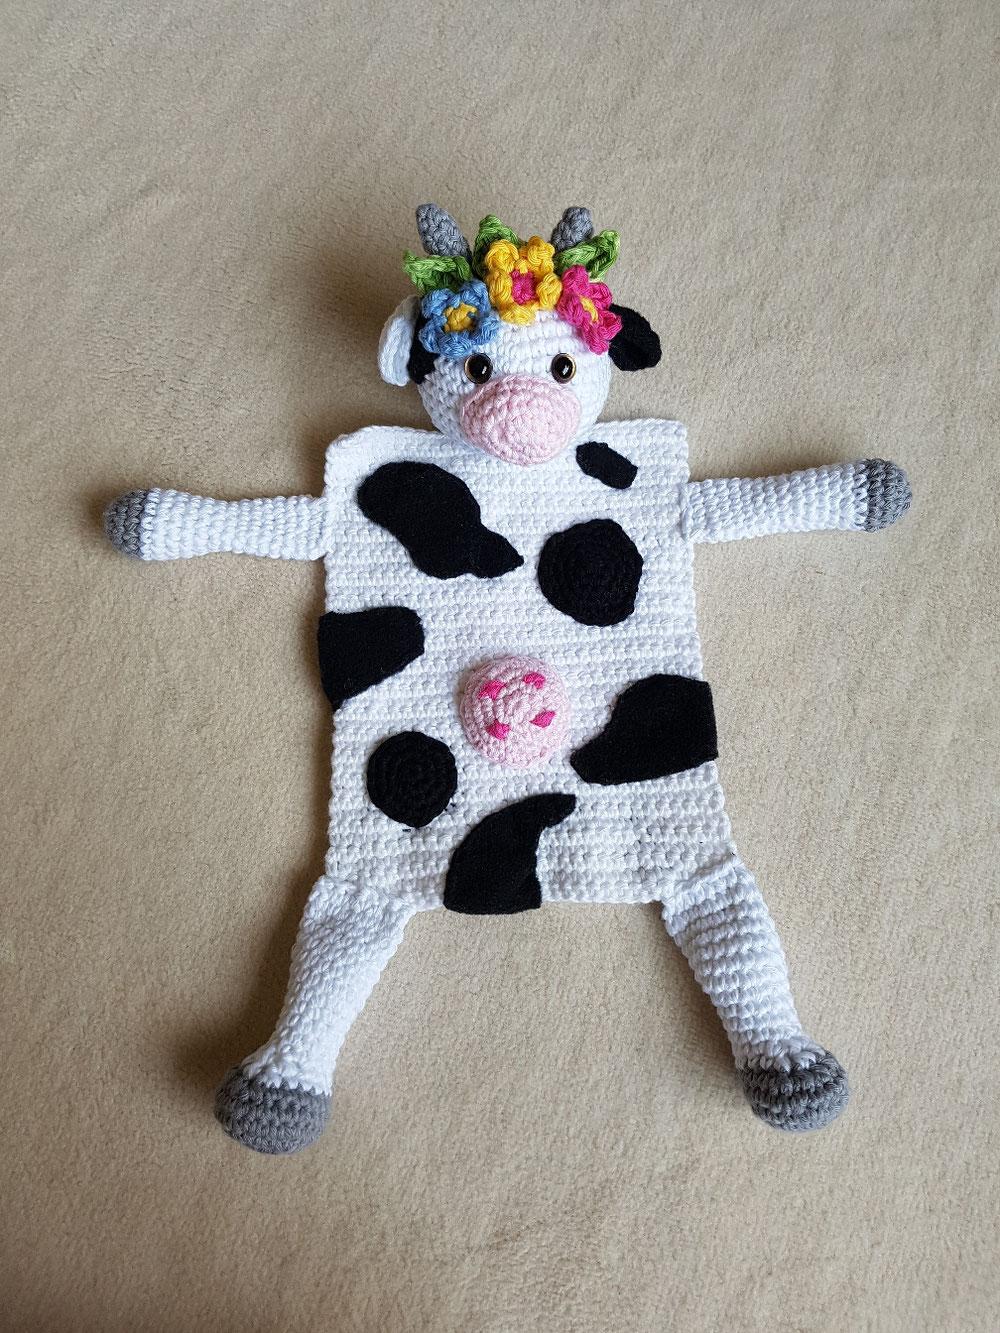 Kuscheltuch-Kuh design Dat Yarn's